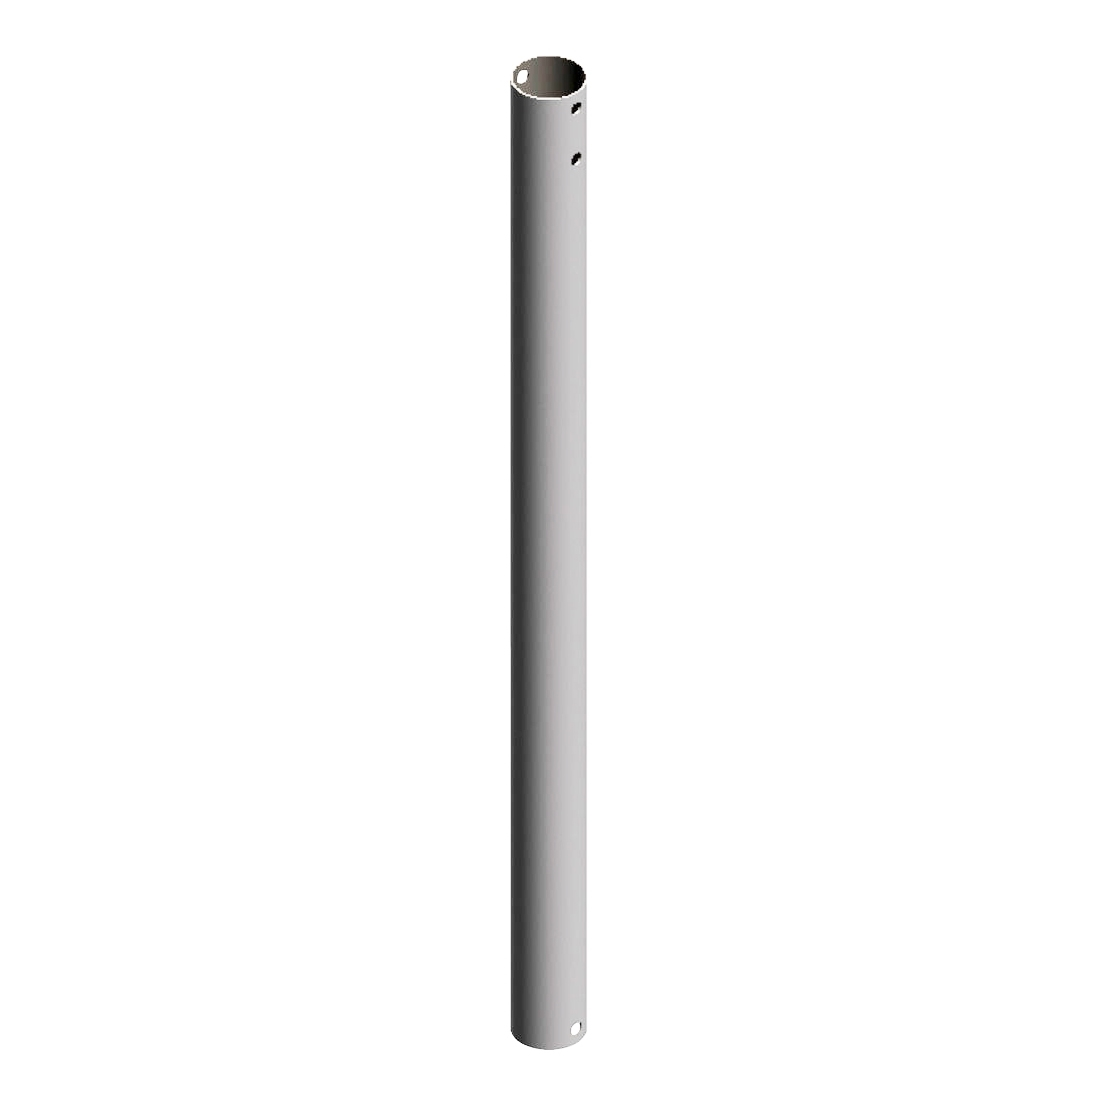 Peerless-AV MOD-P100-W - Штанга диаметром 50,8 мм, длина 1000 мм